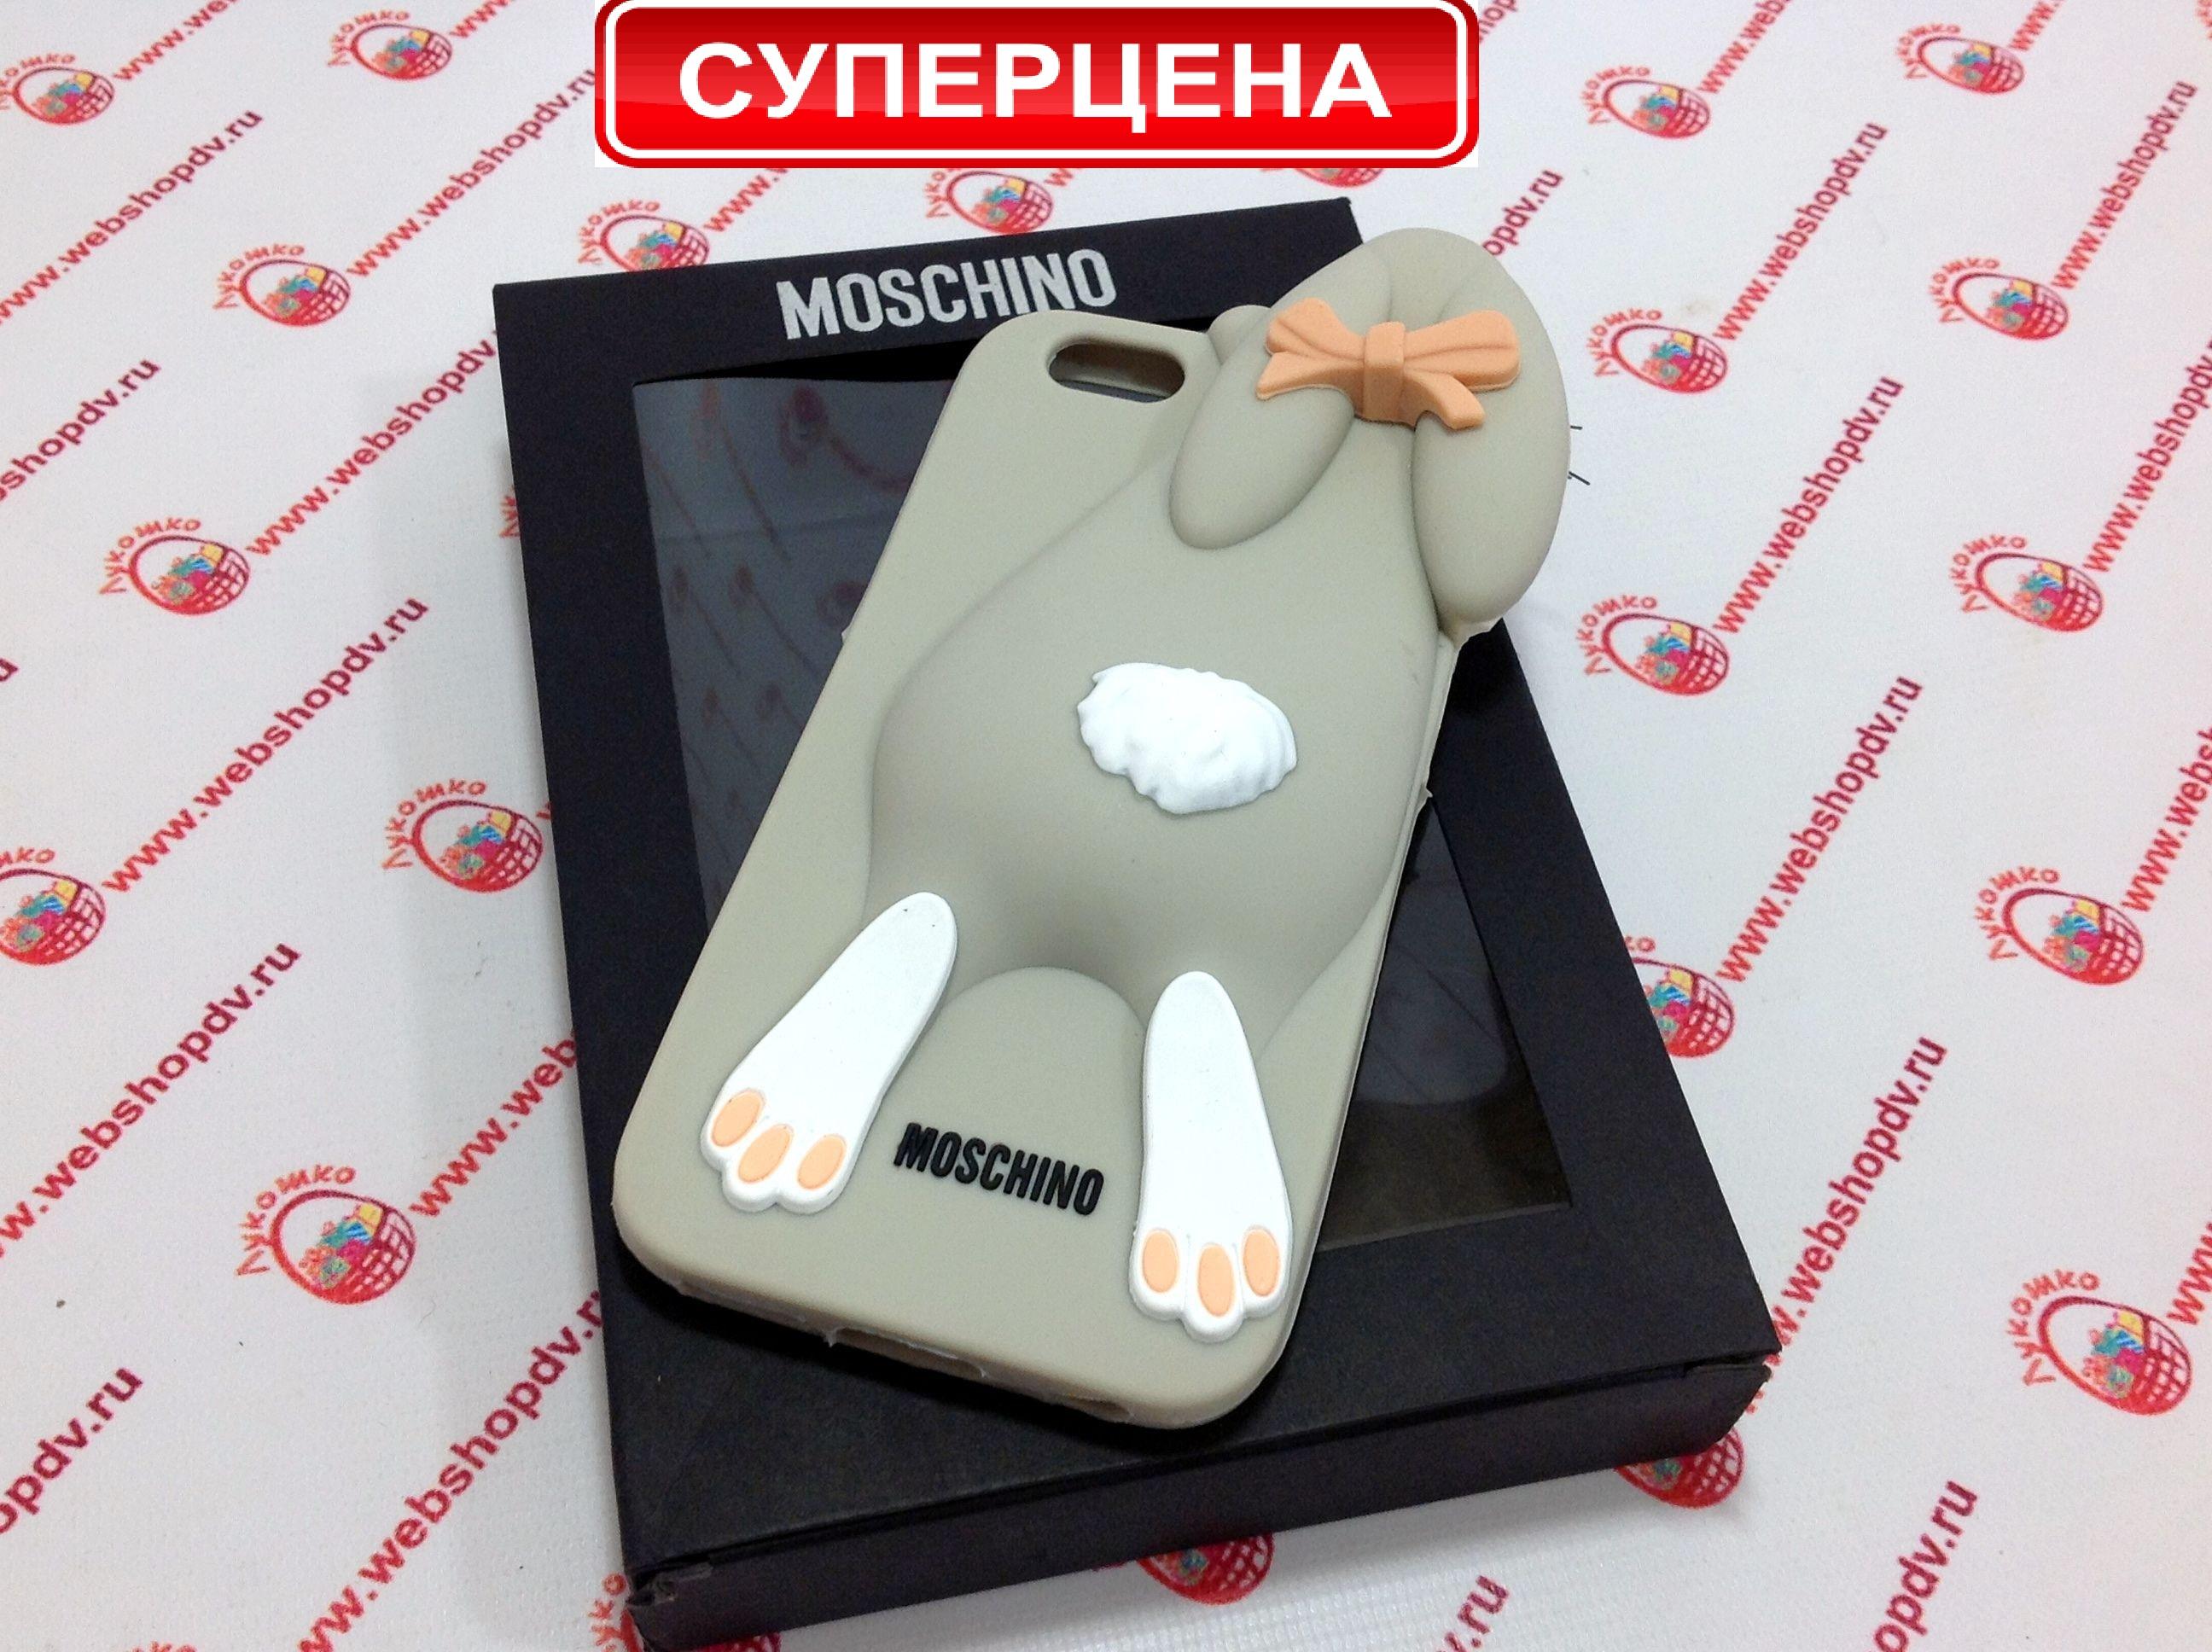 Чехол Moschino Violetta Rabbit для iPhone 6+ (цвета в ассортименте)